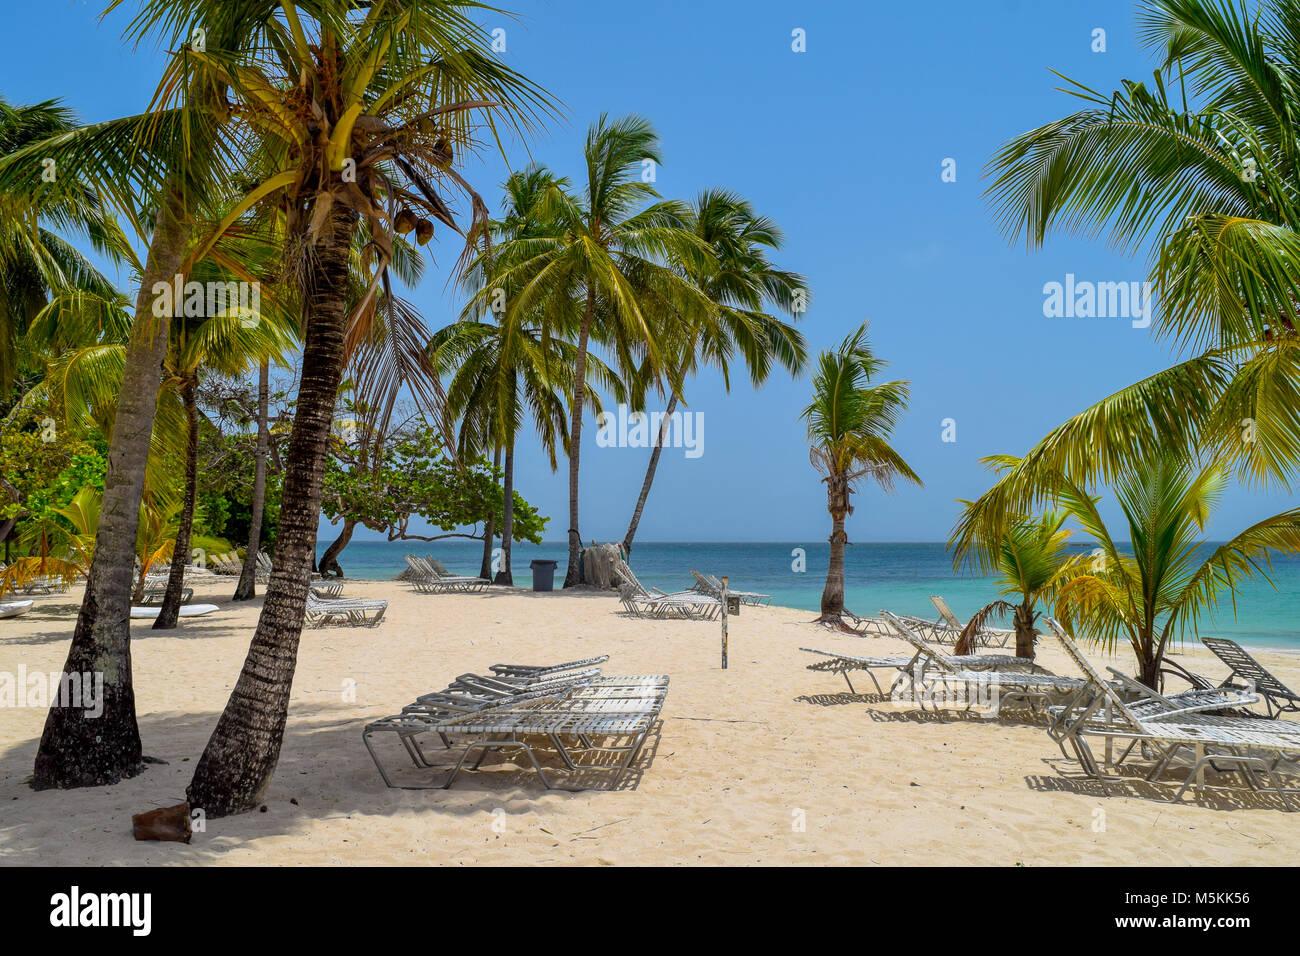 Weißen Strand mit Sonnenliegen, viele Palmen, blauer Himmel und türkisfarbenen Meer im Meer der Karibik, Stockbild